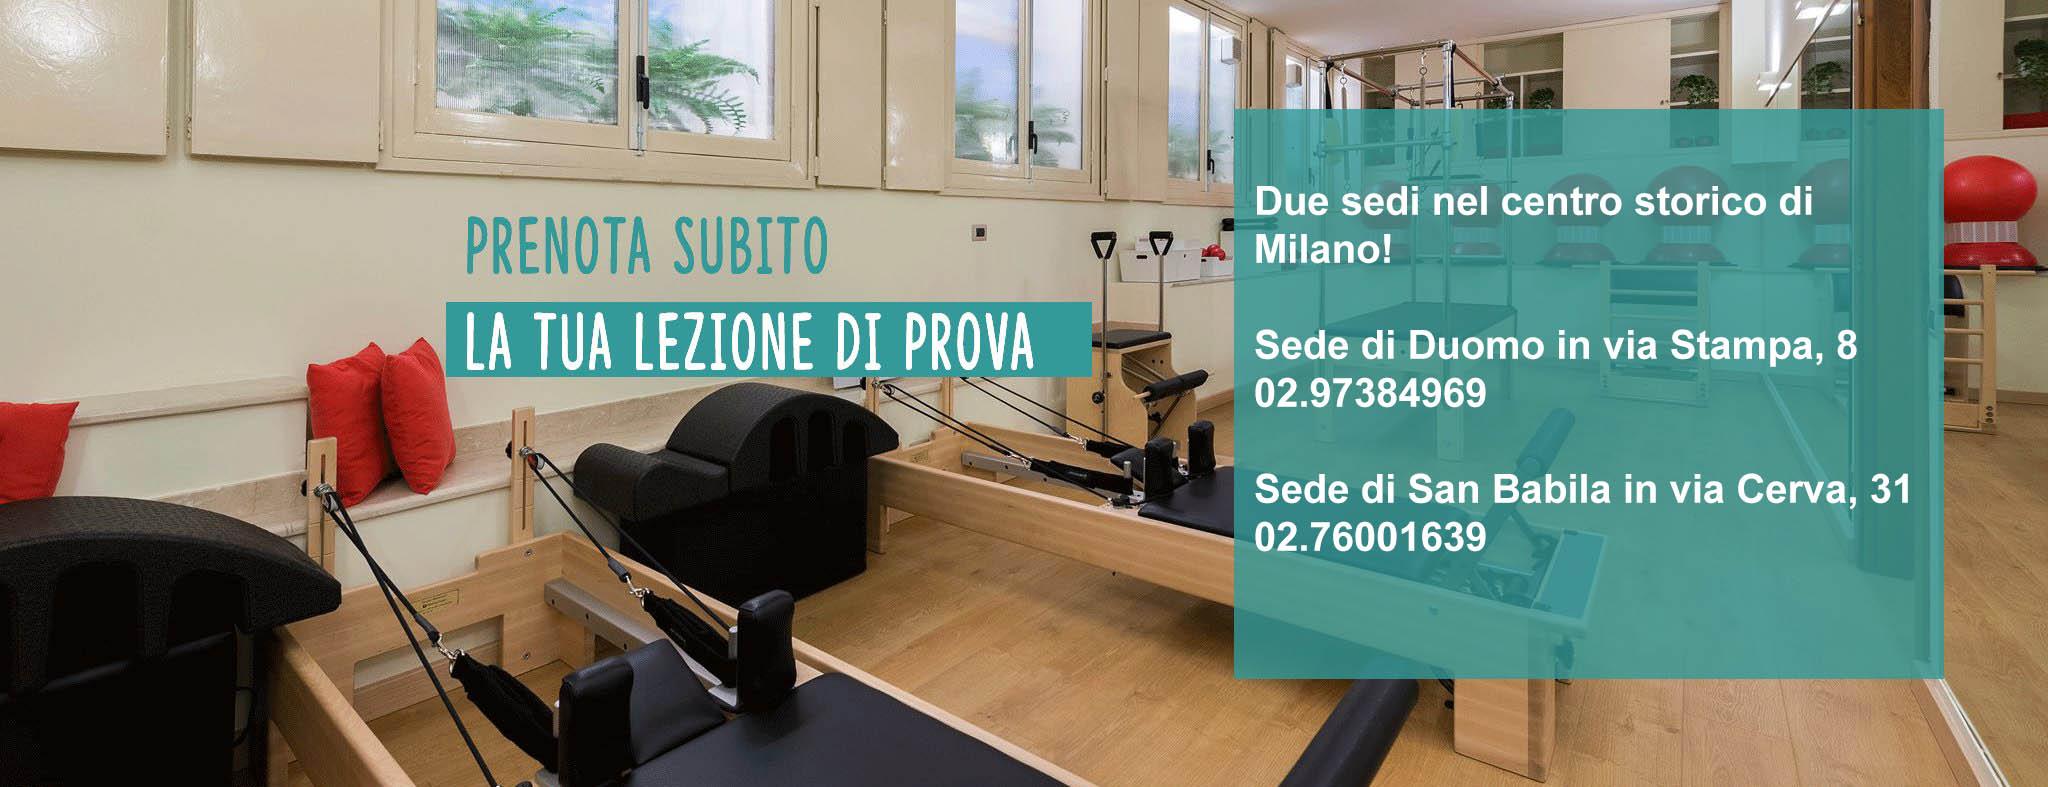 Pilates Pre Parto Bruzzano - Prenota subito la tua lezione di prova